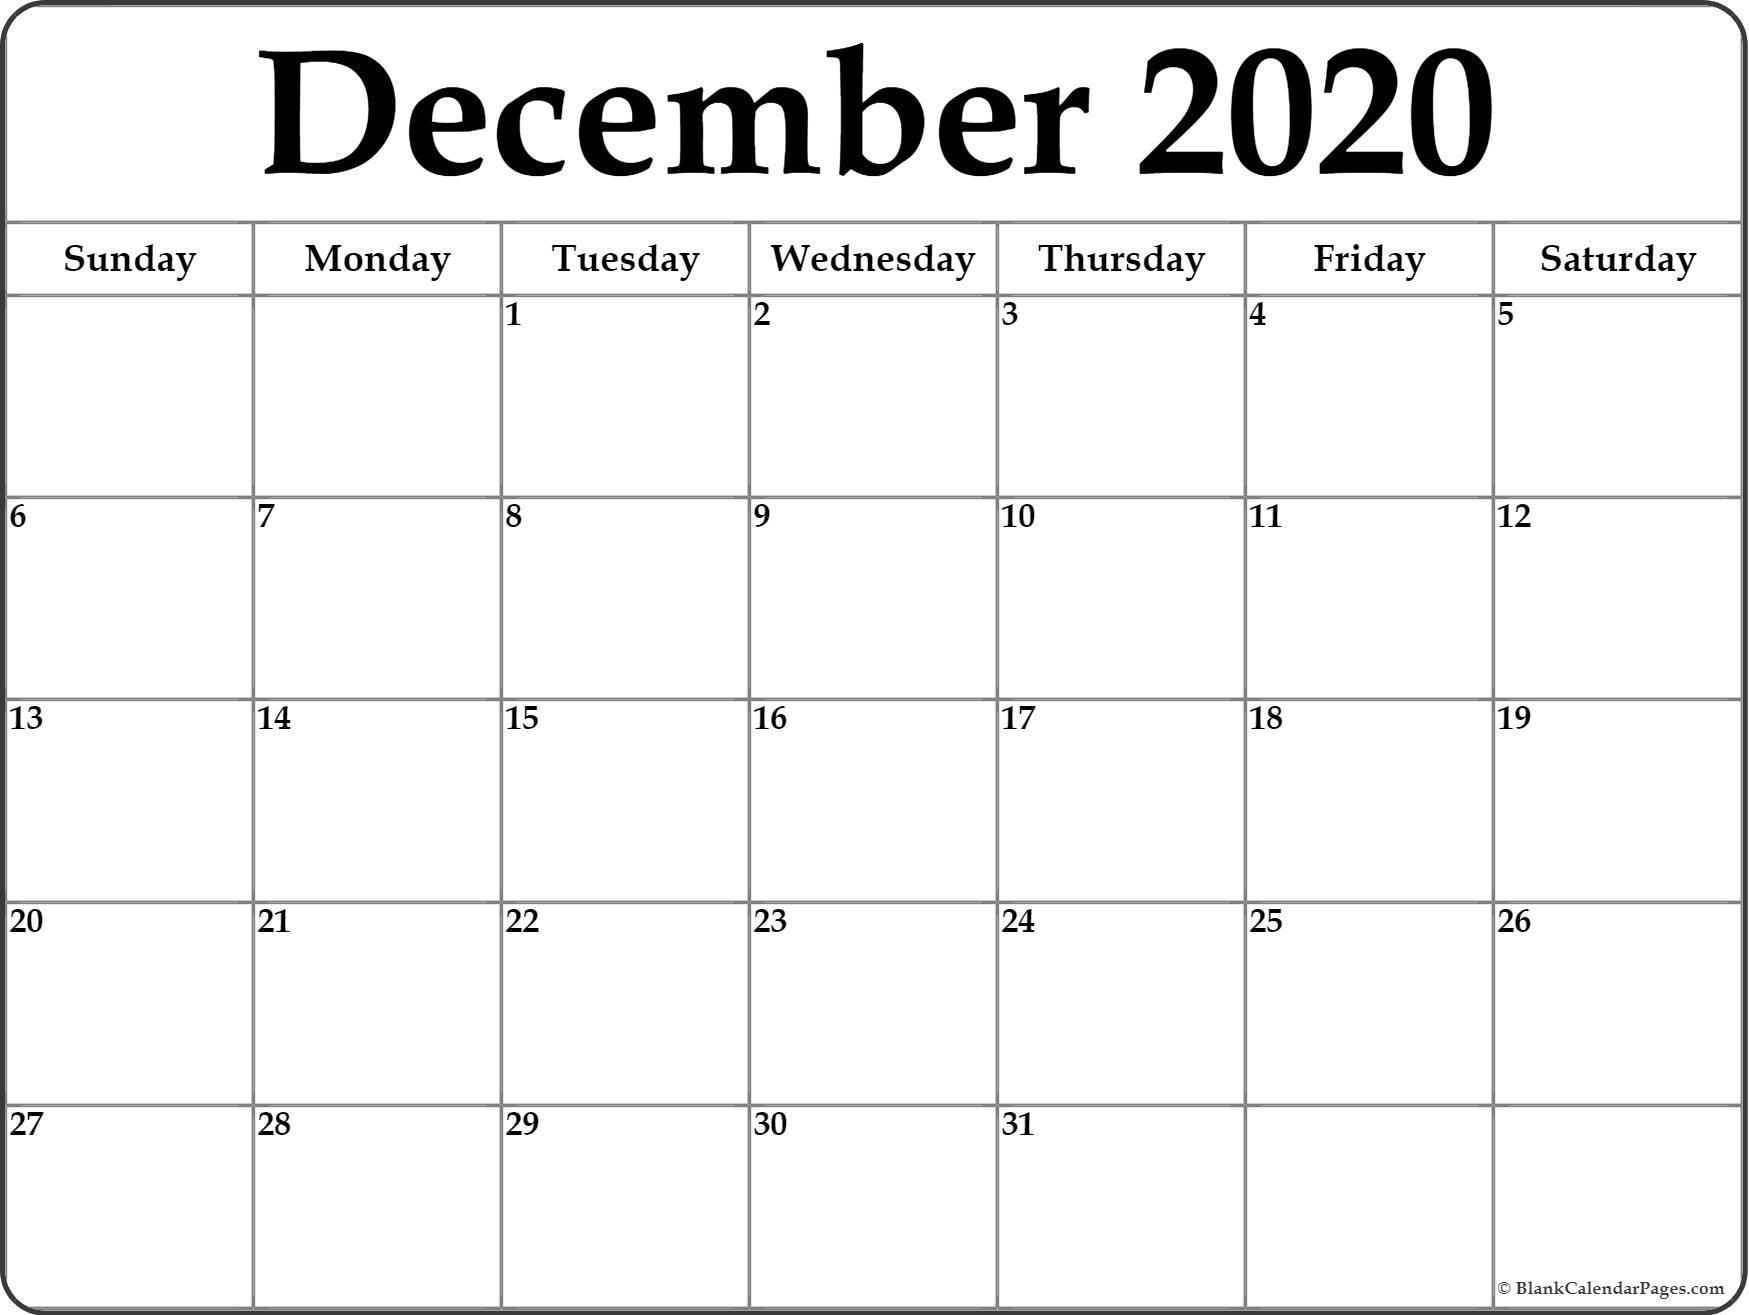 December Calendar Printable 2020 - Togo.wpart.co